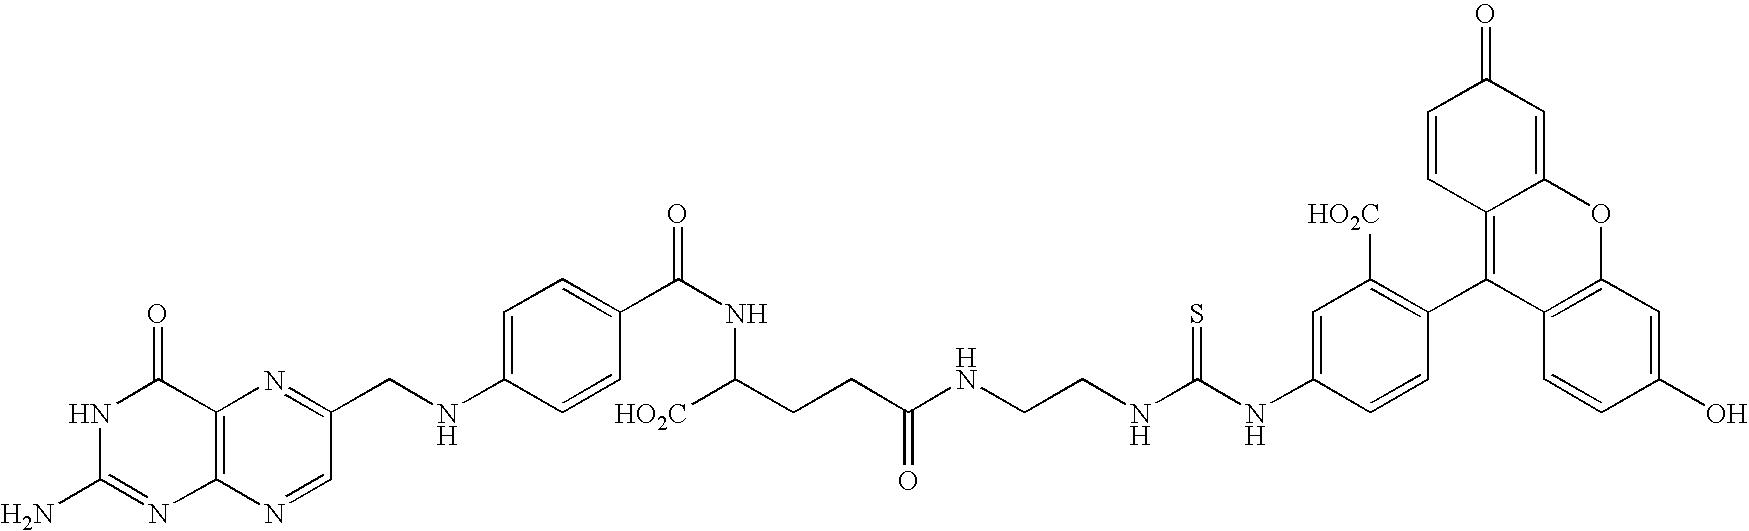 Figure US20100272675A1-20101028-C00002